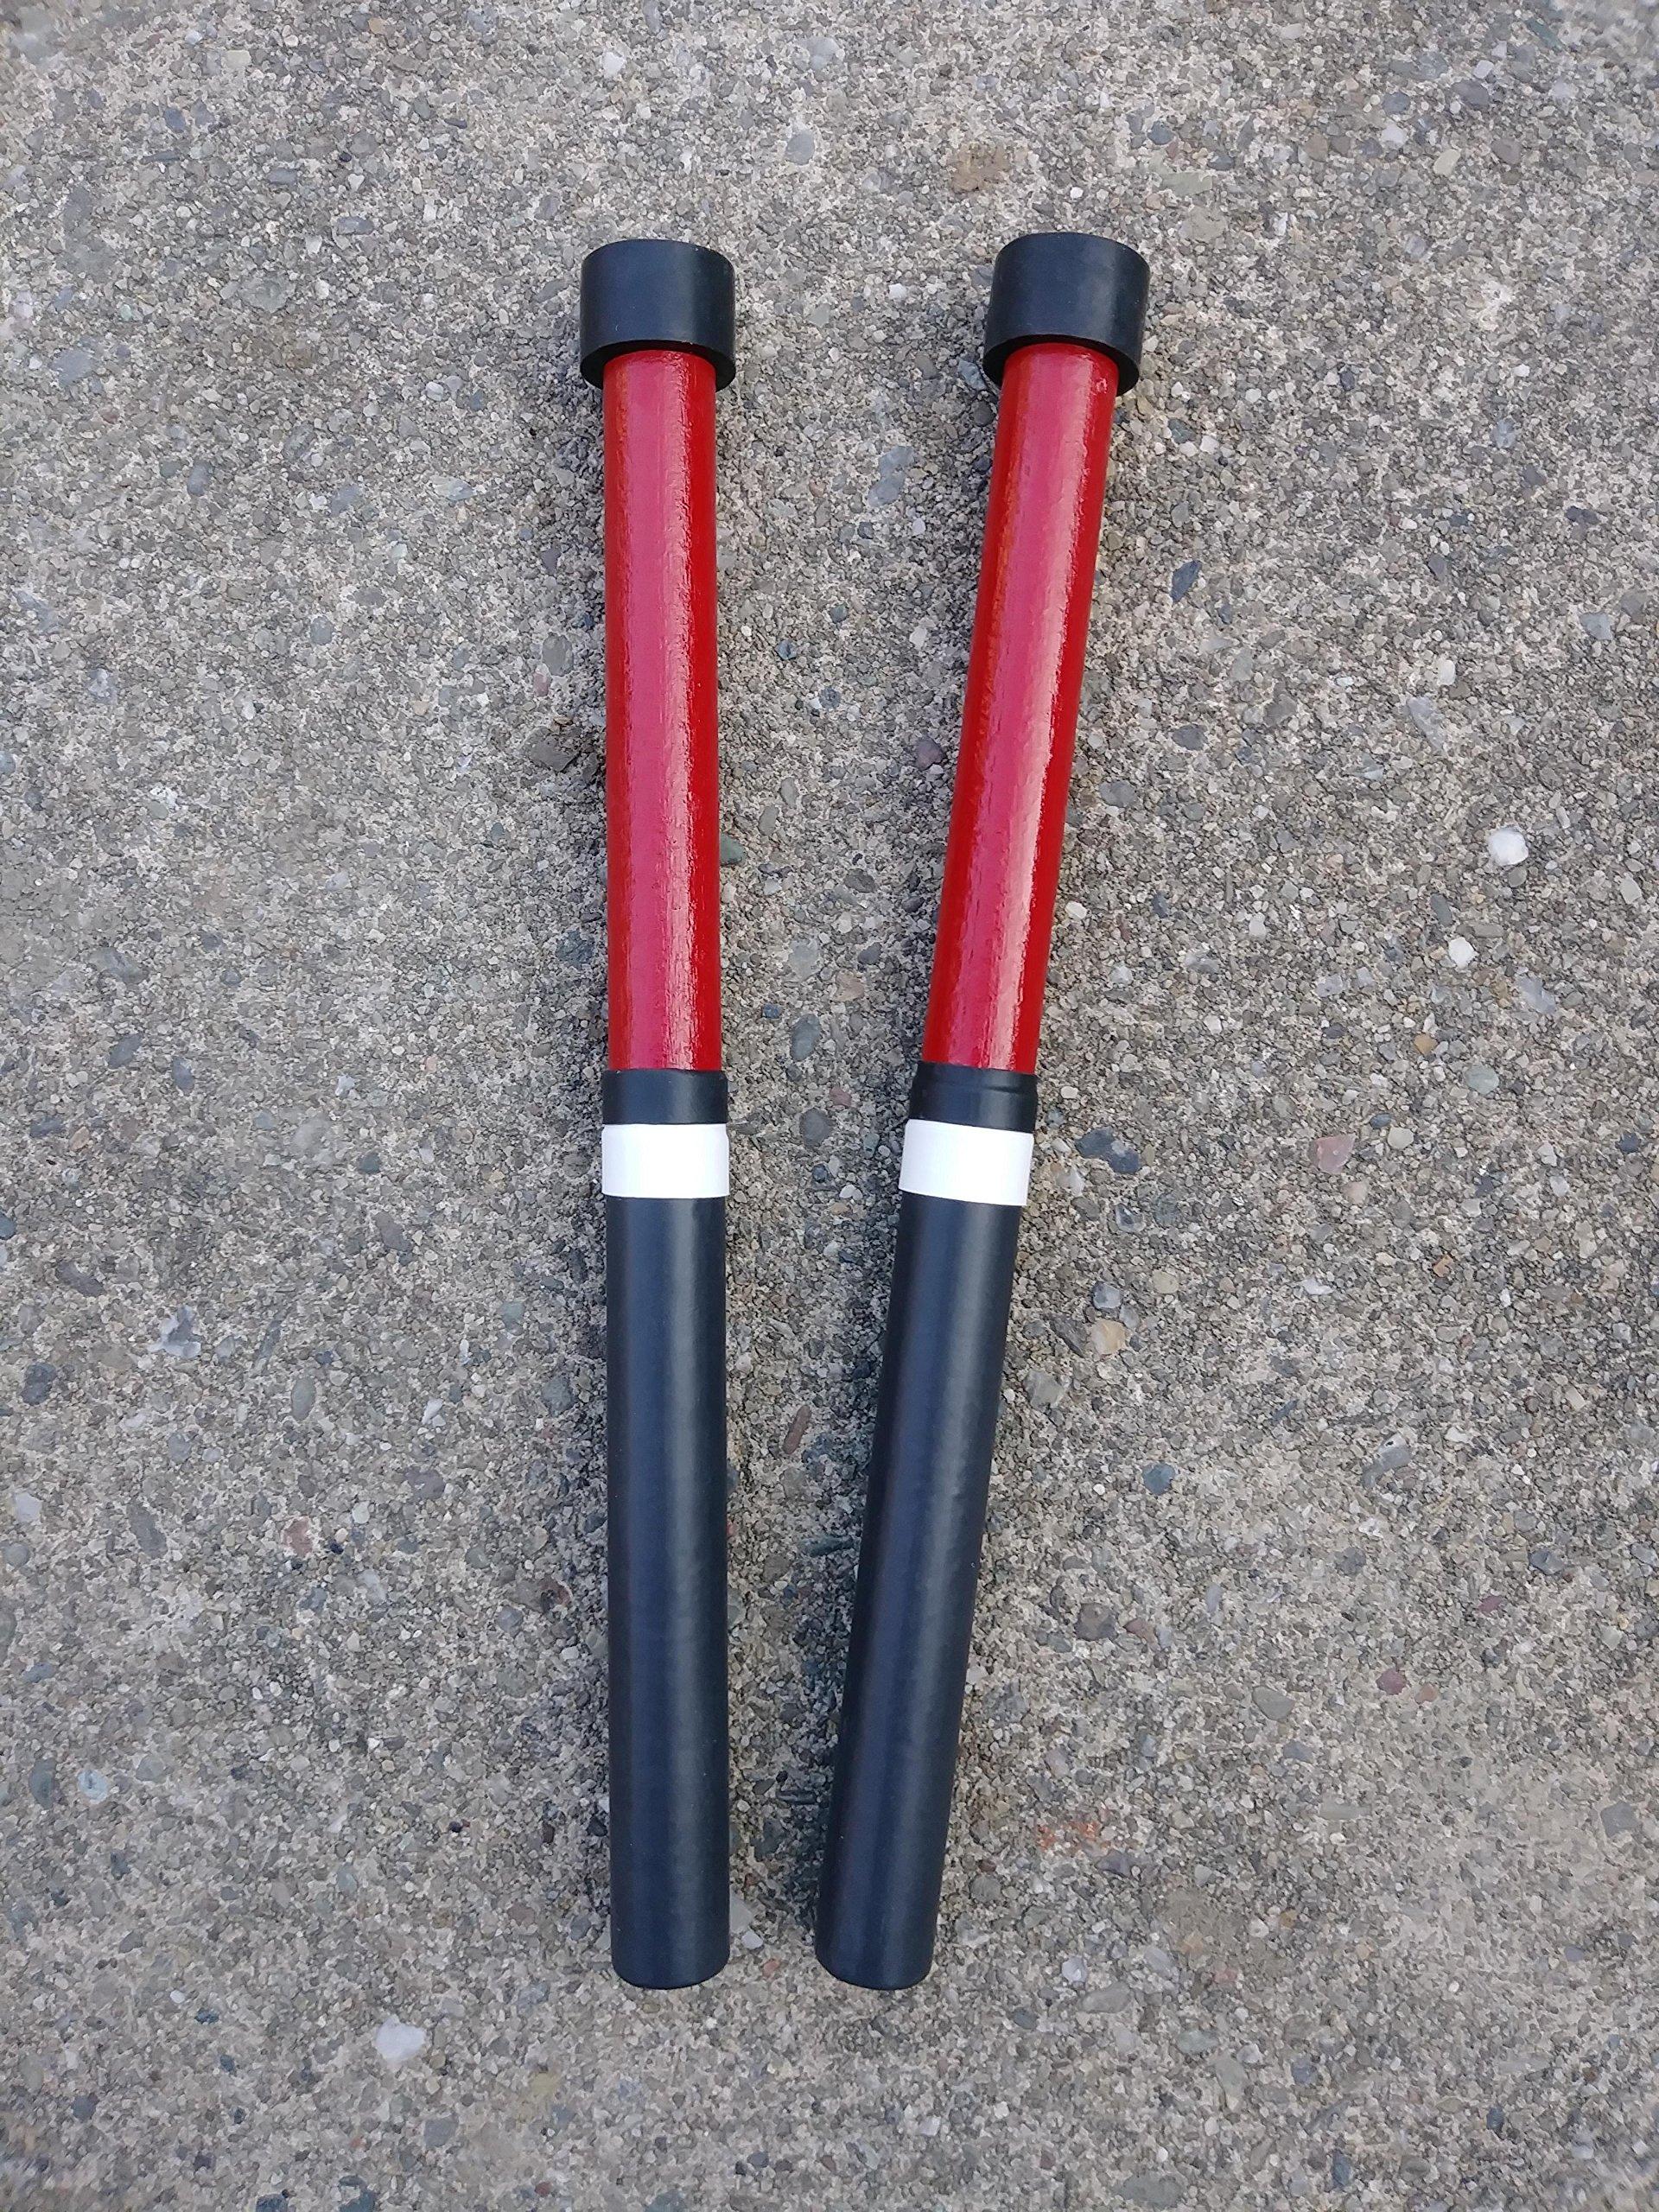 KaKesa Steel Drum Pan Mallets Sticks Wood Trini - Lead/Tenor by kakesa